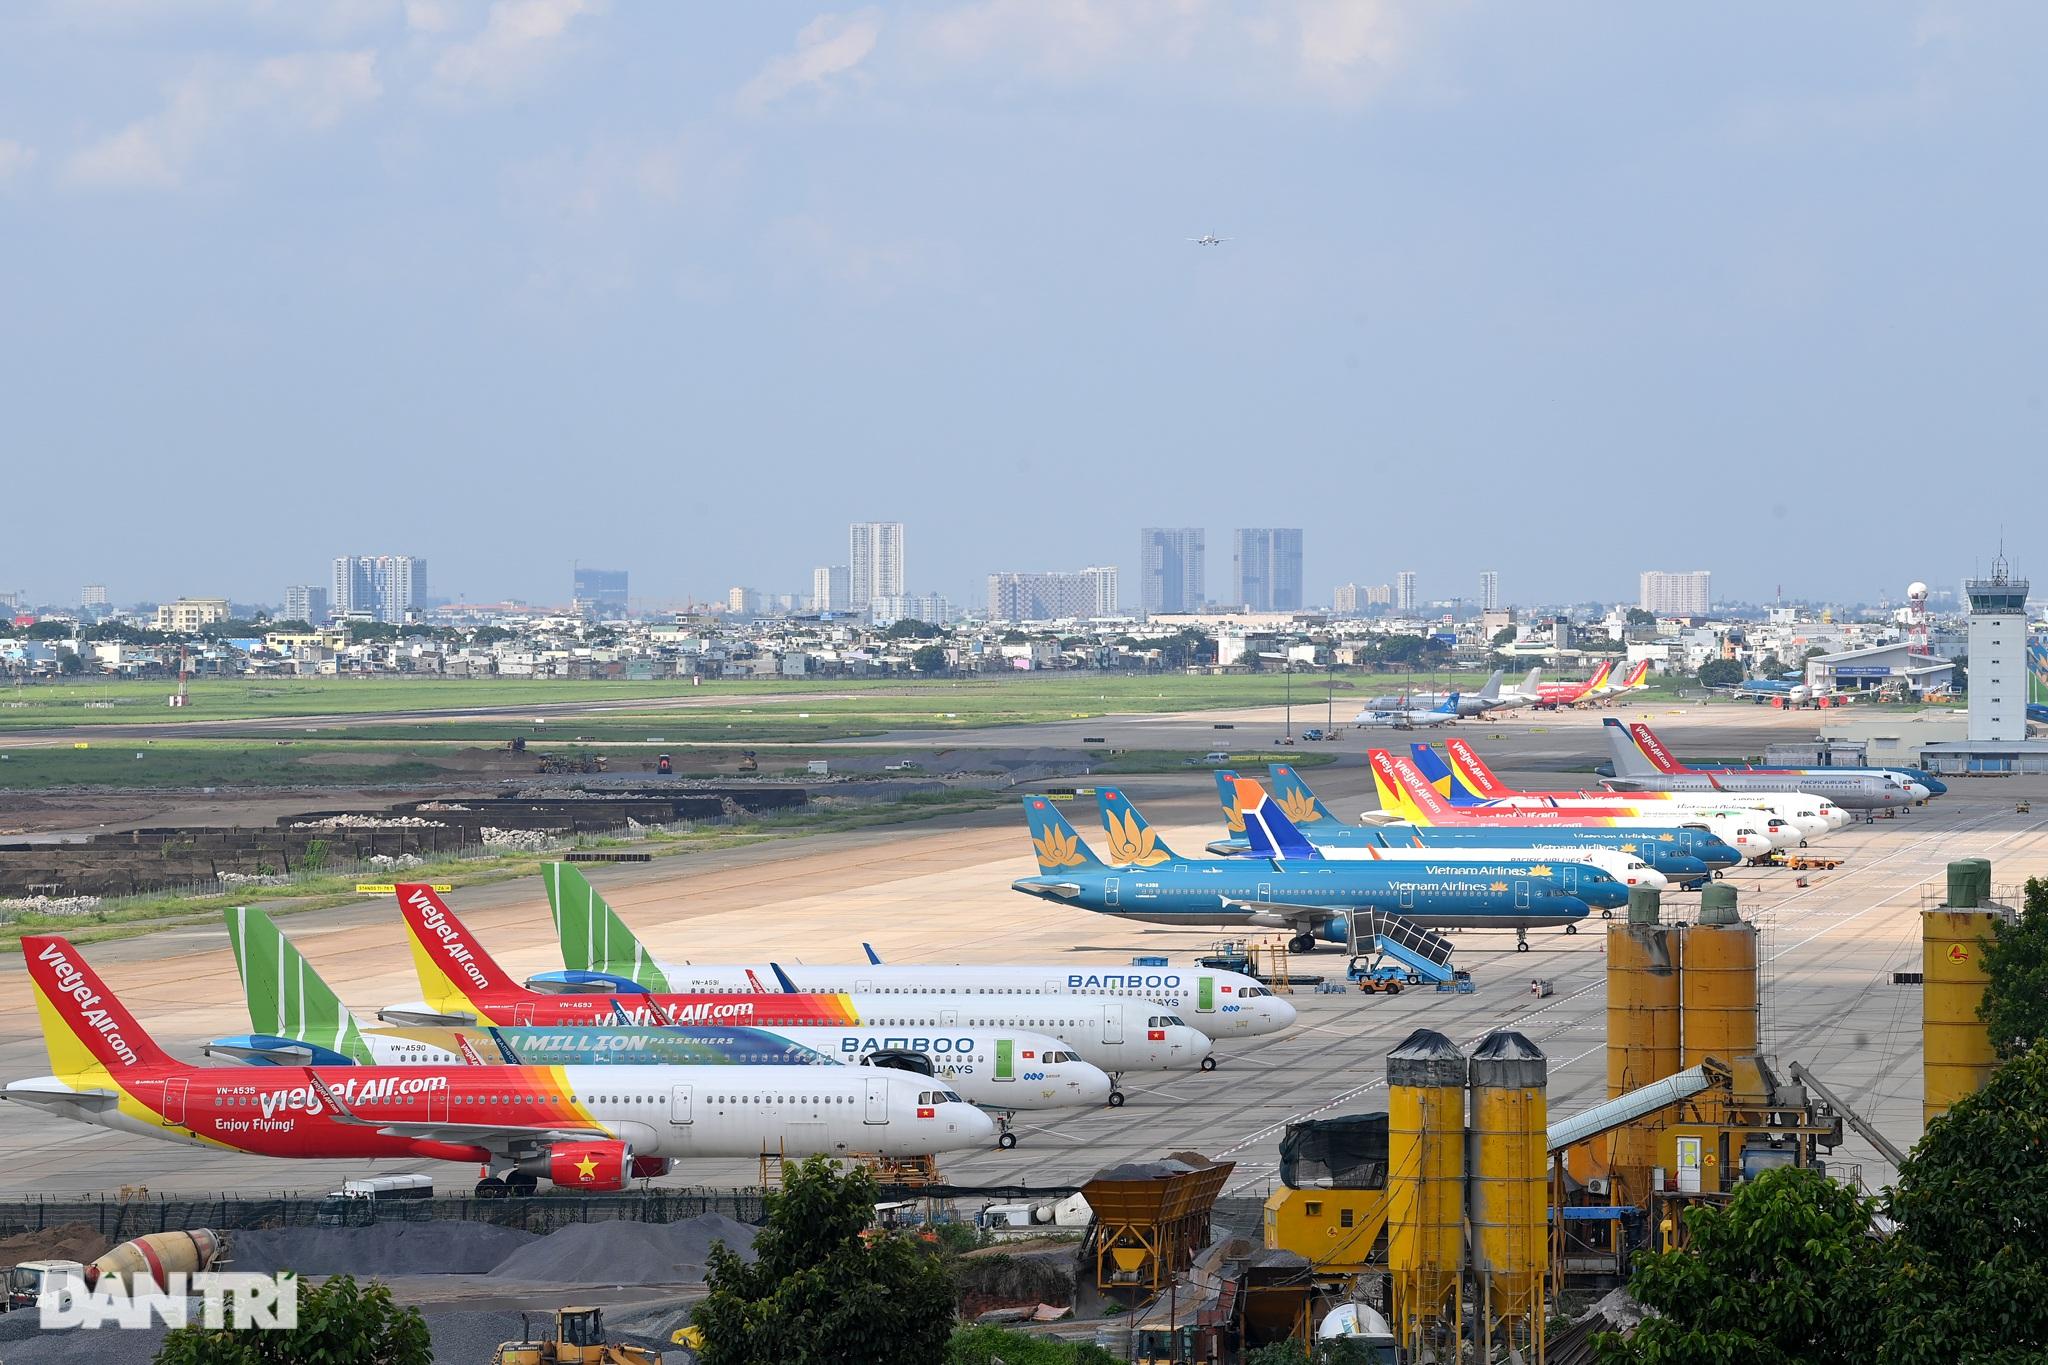 Ám ảnh hàng trăm tàu bay đắp chiếu nằm la liệt tại Nội Bài, Tân Sơn Nhất